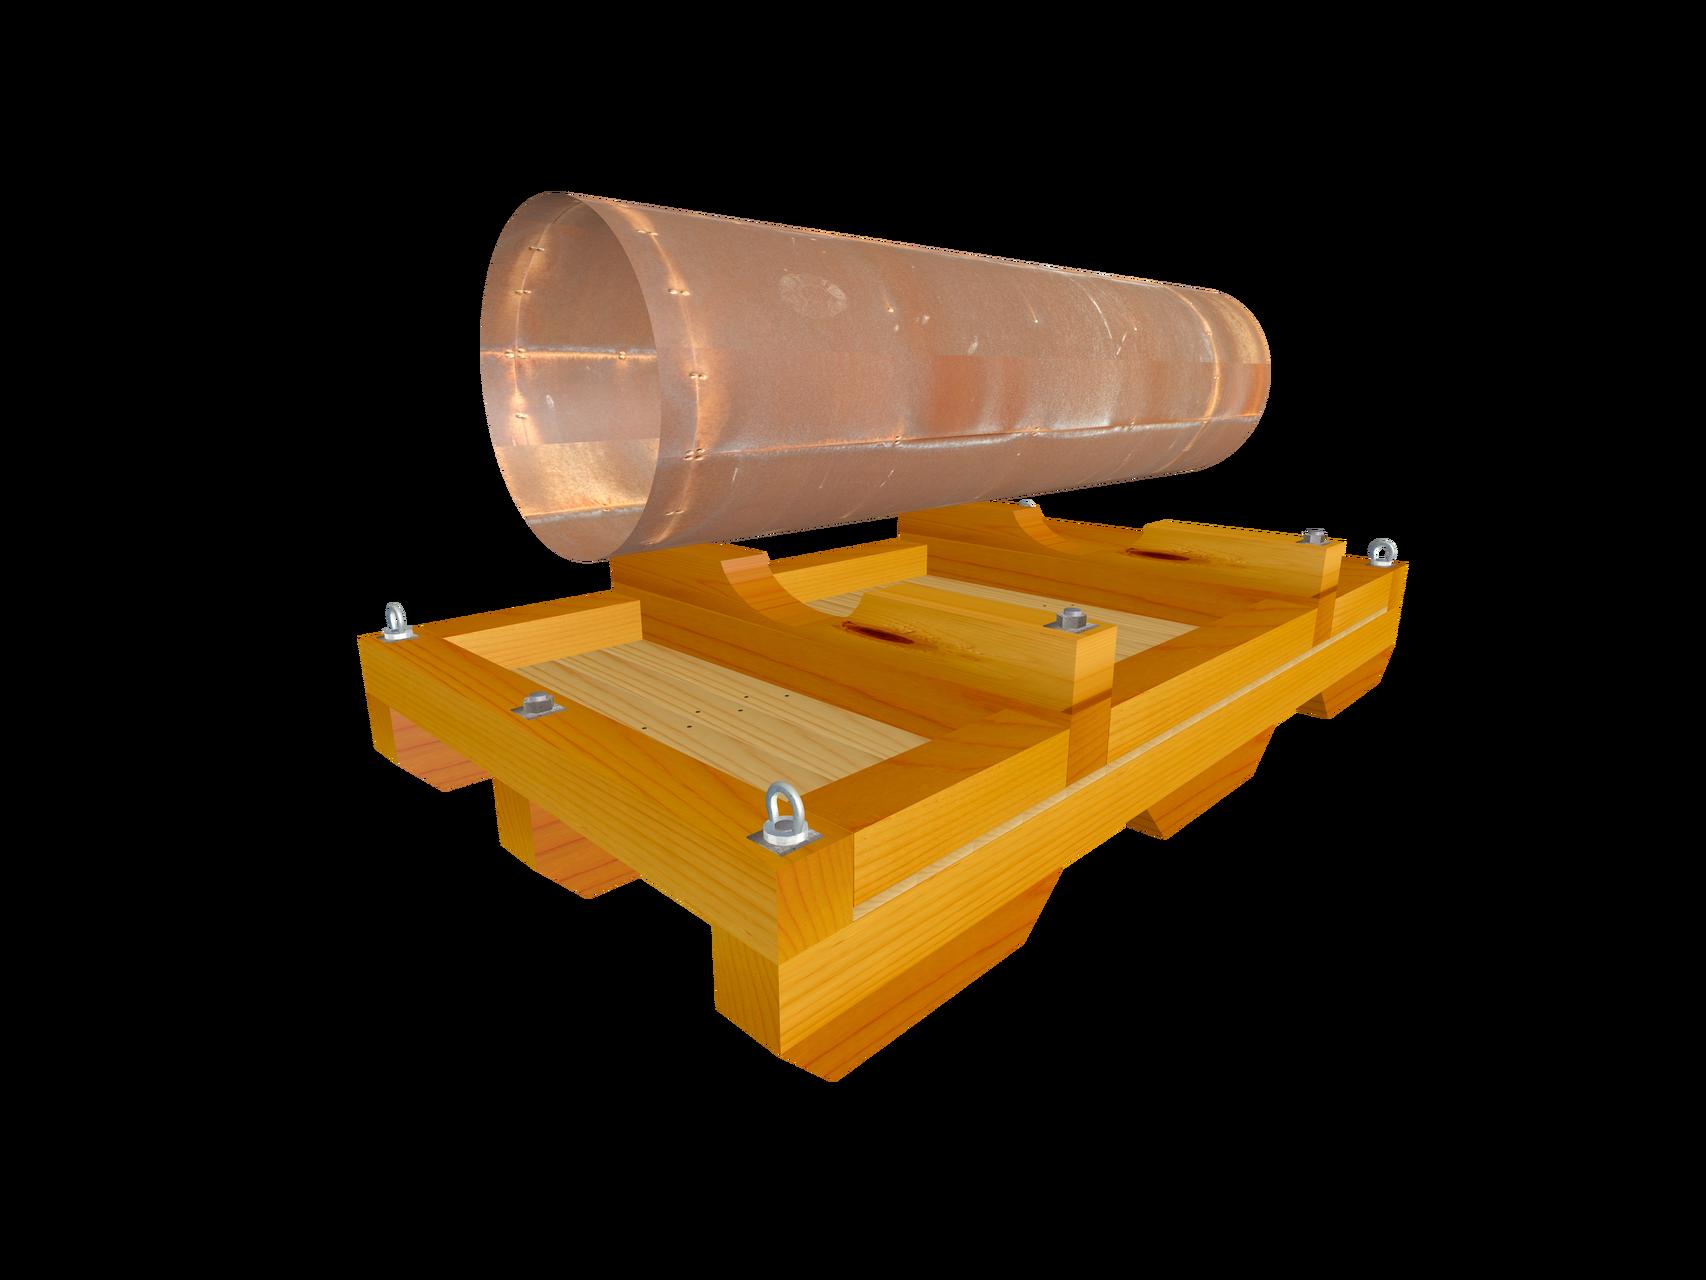 Verpackungskonstruktion auf Skid C2